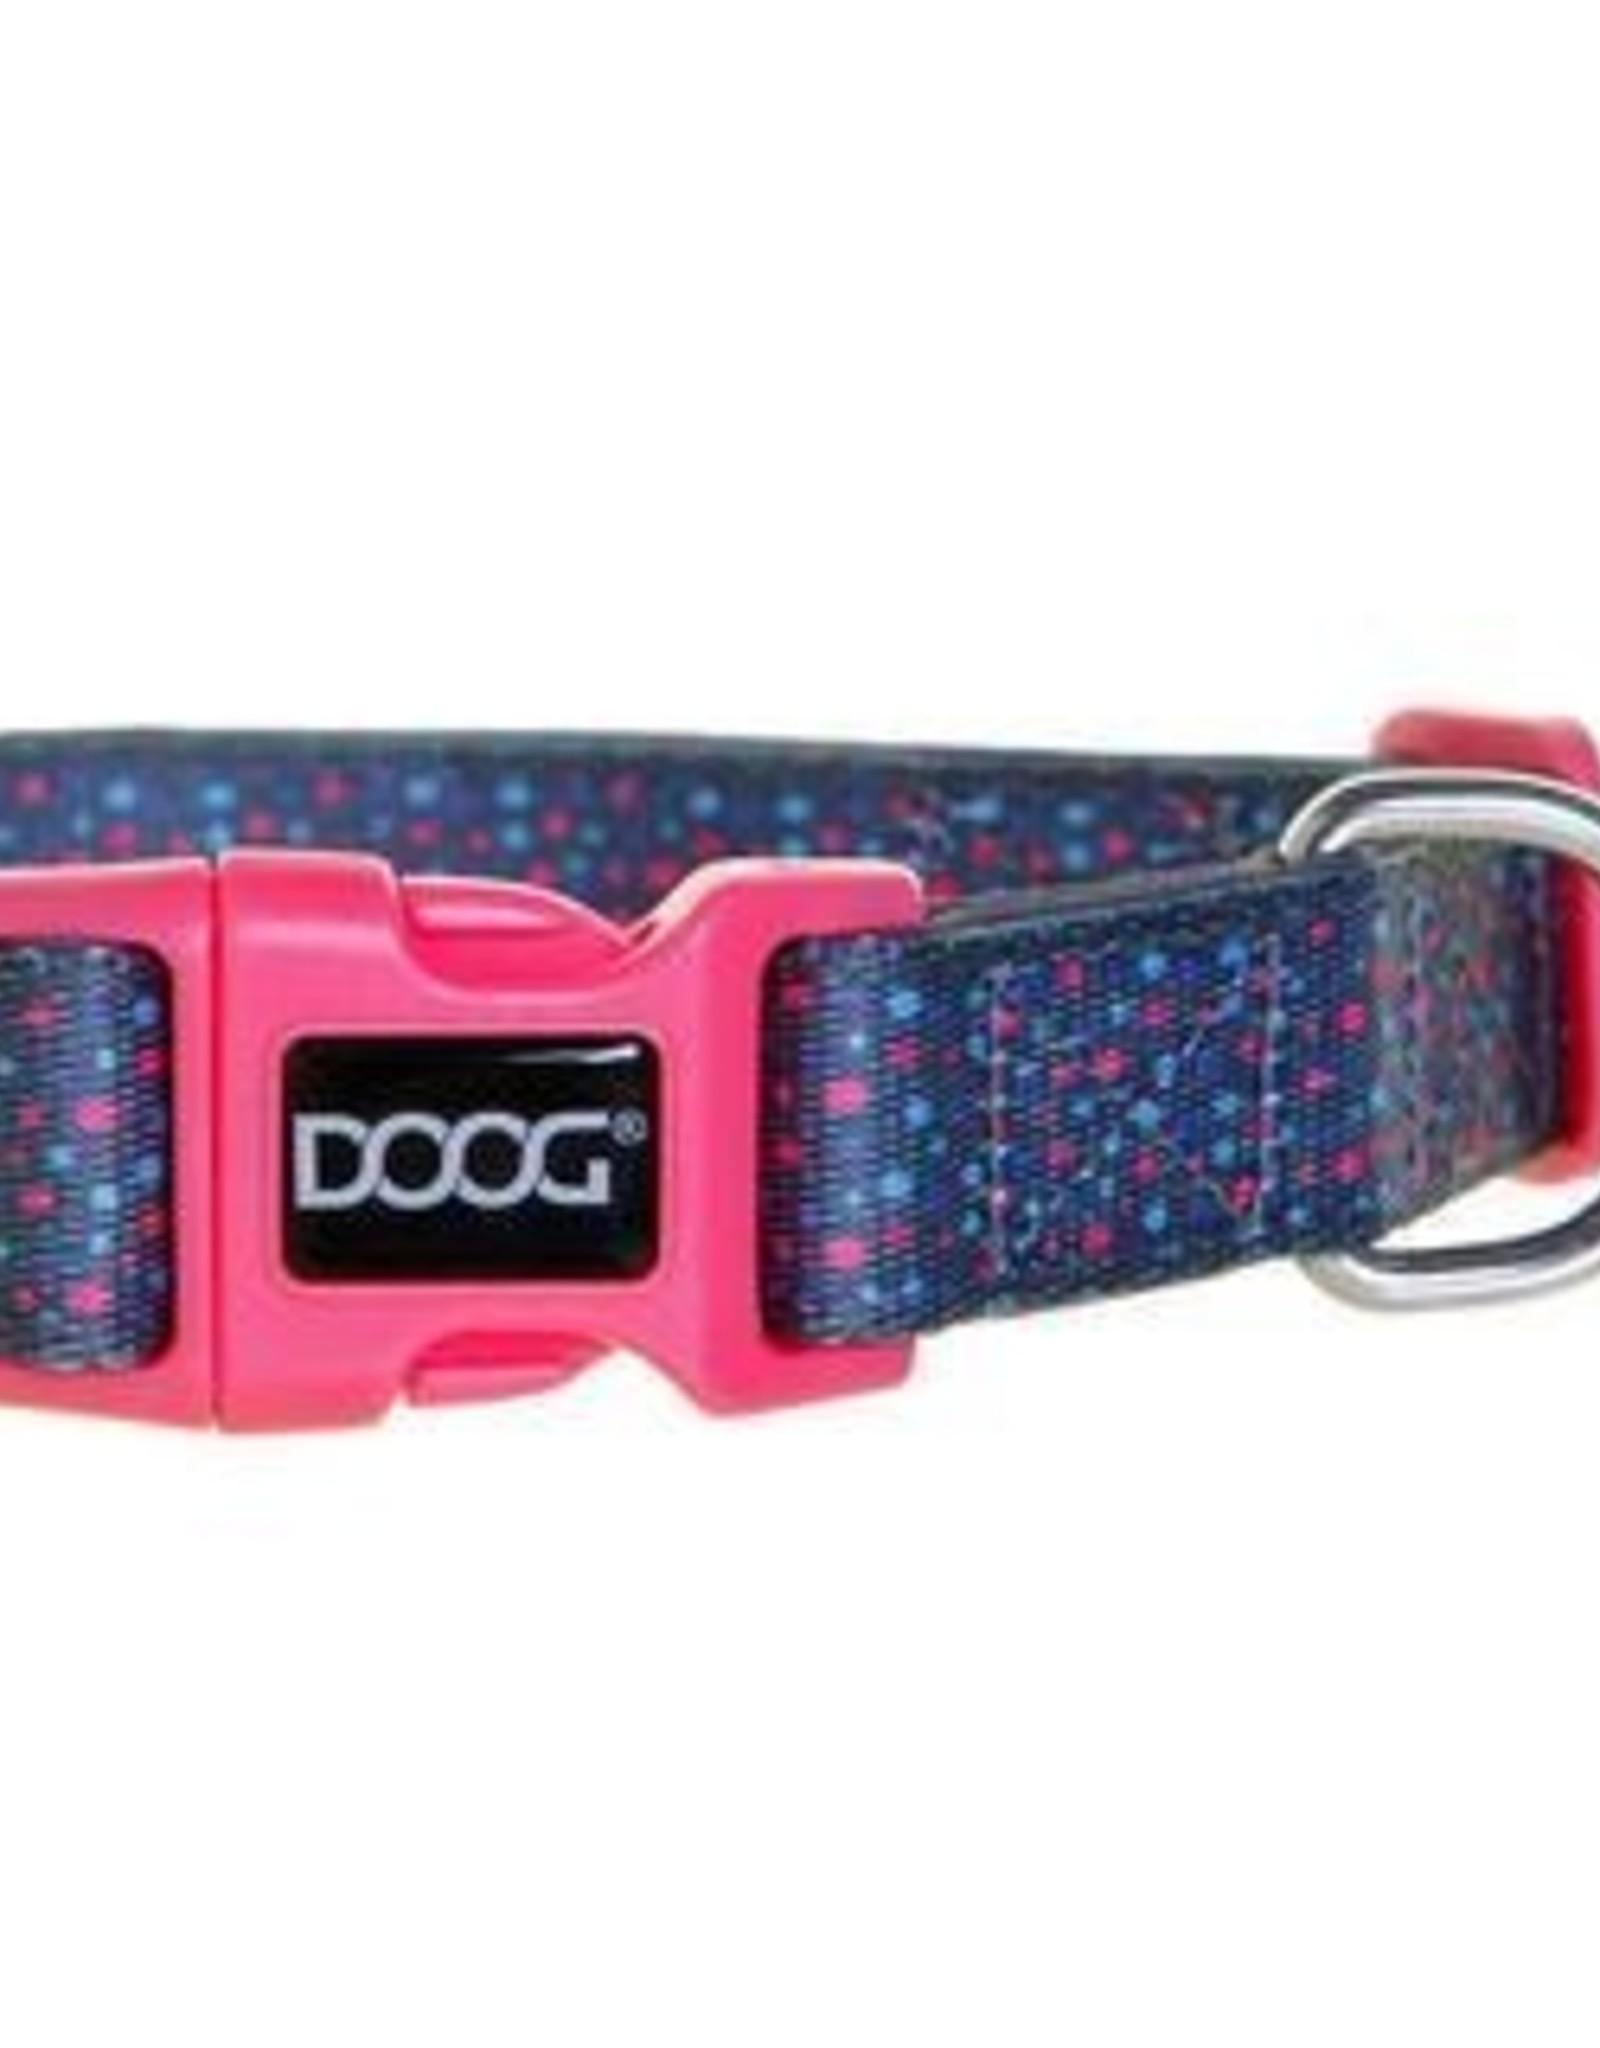 DOOG Doog | Marley Collars and Leashes